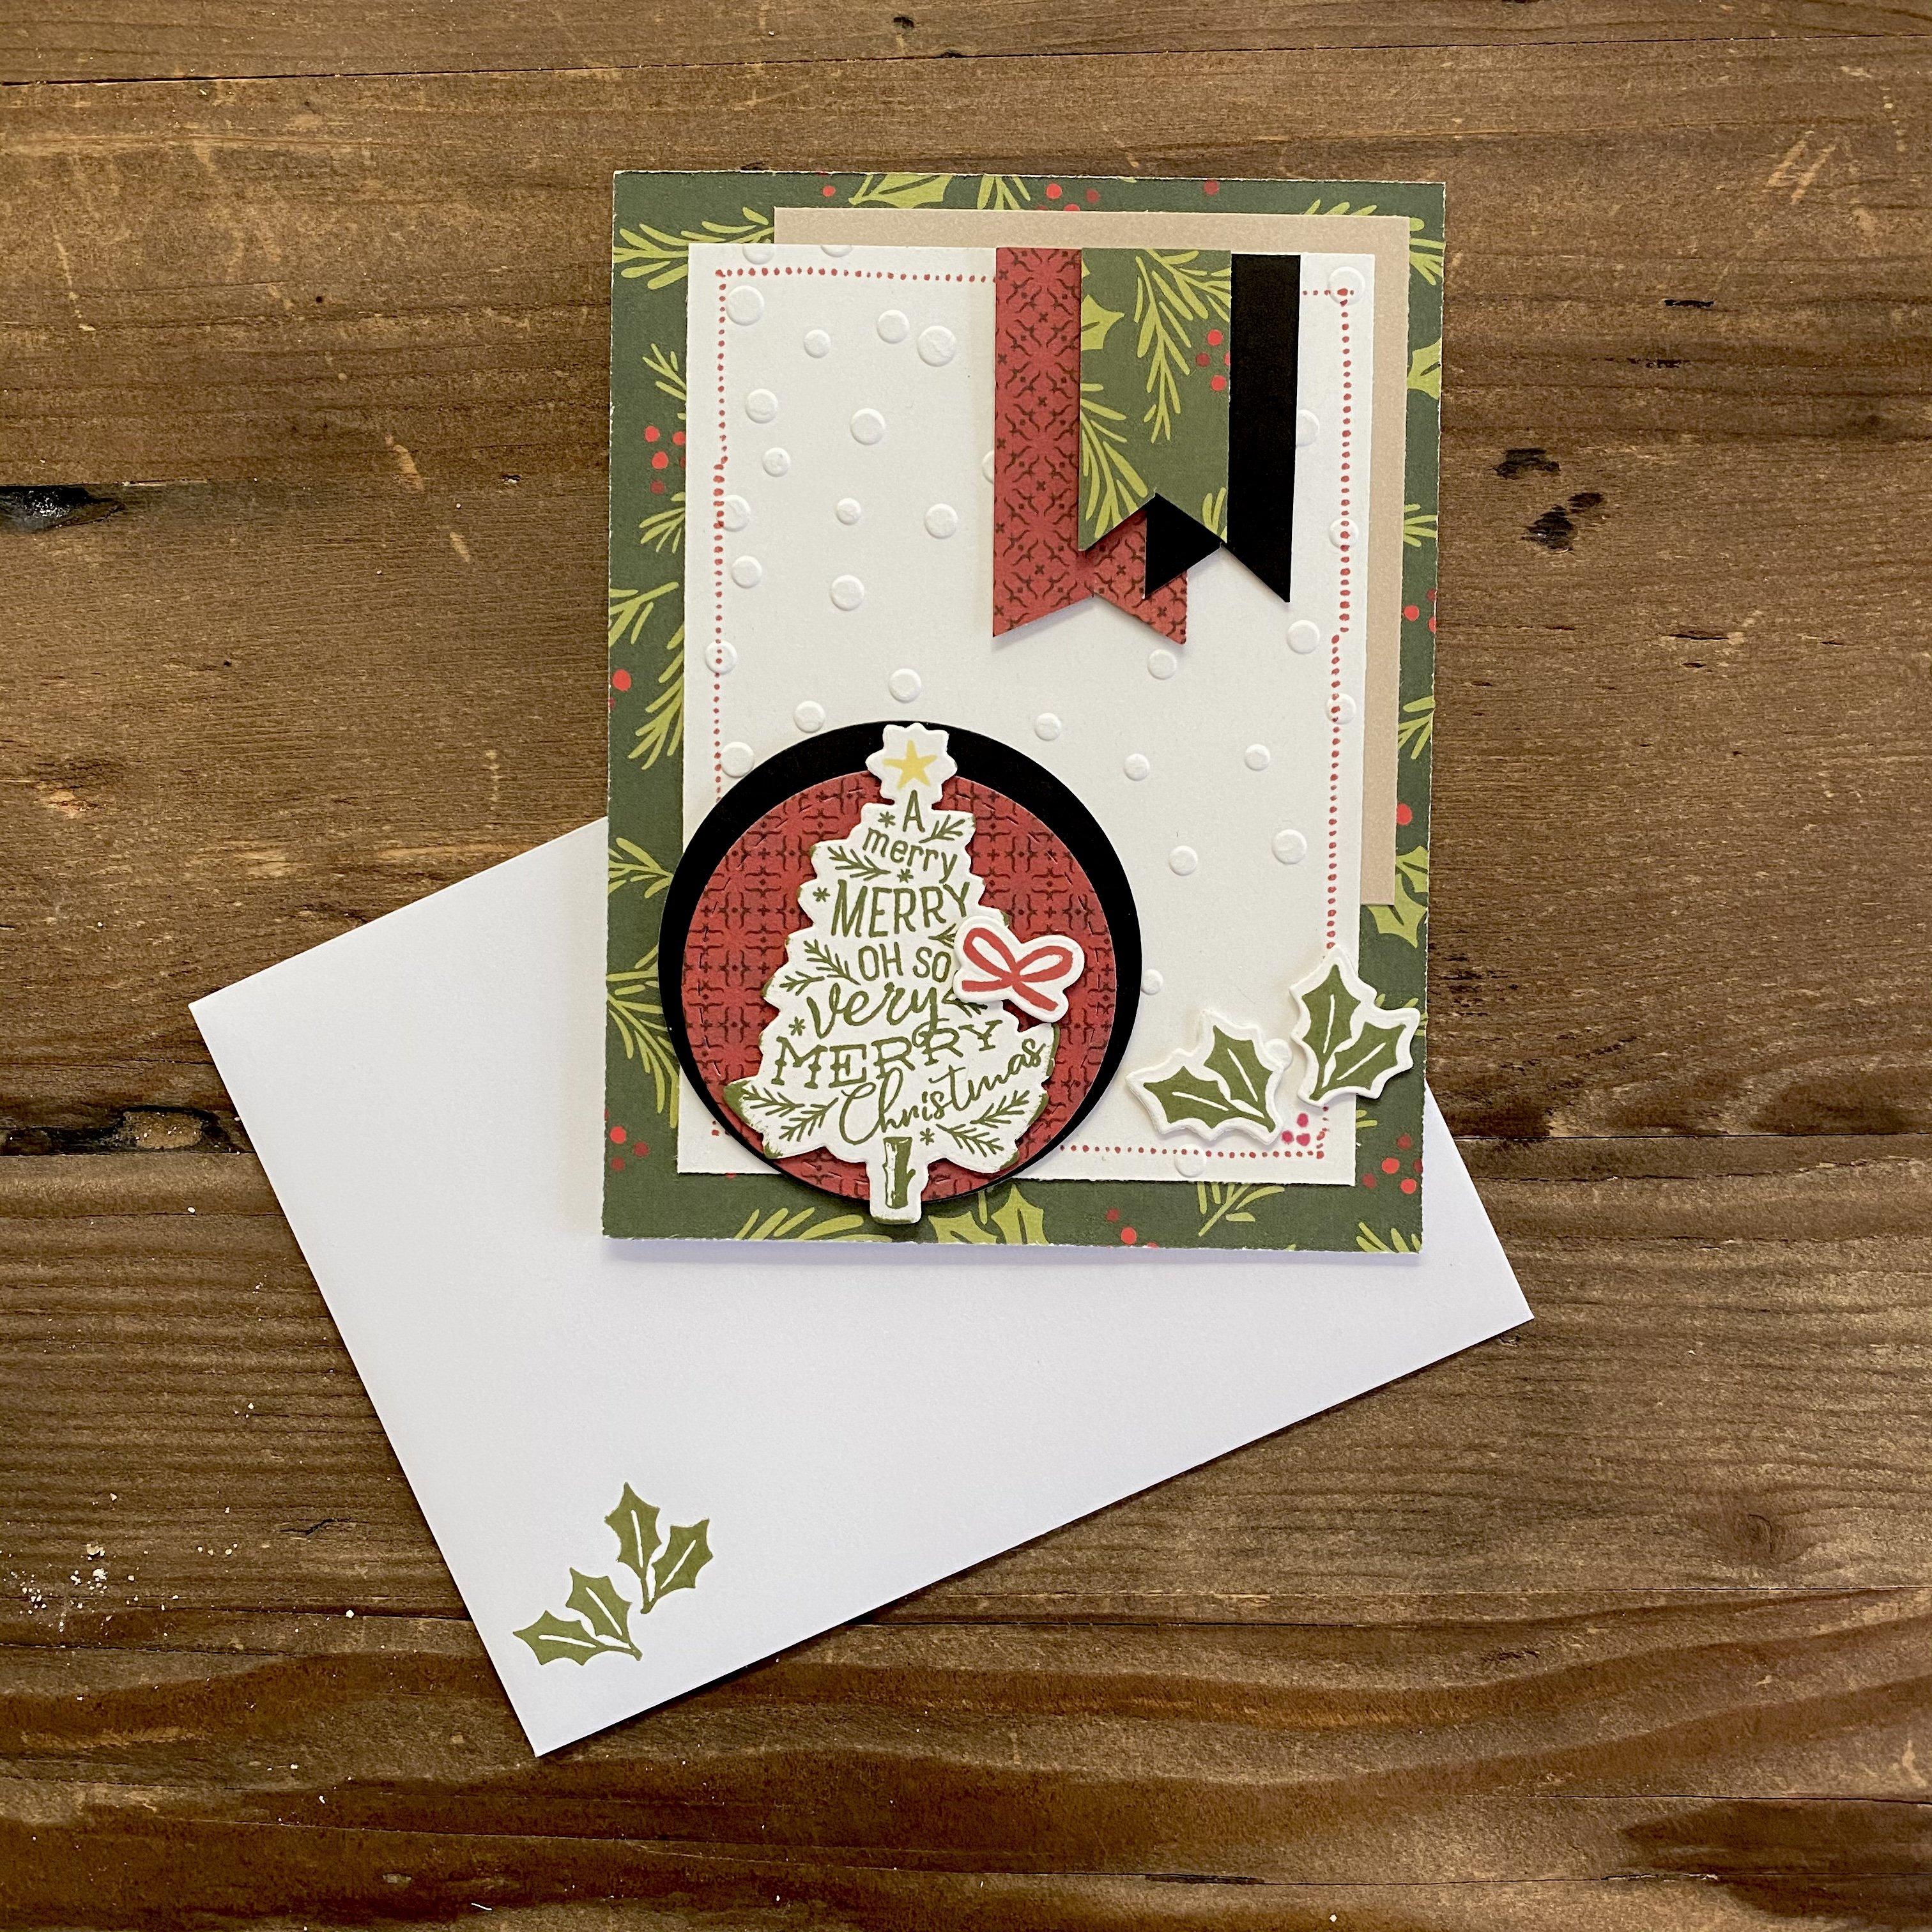 【少人数開催】ショップで素敵なクリスマスカード作り♪ maricopain ペーパークラフトレッスン11月のイメージその2